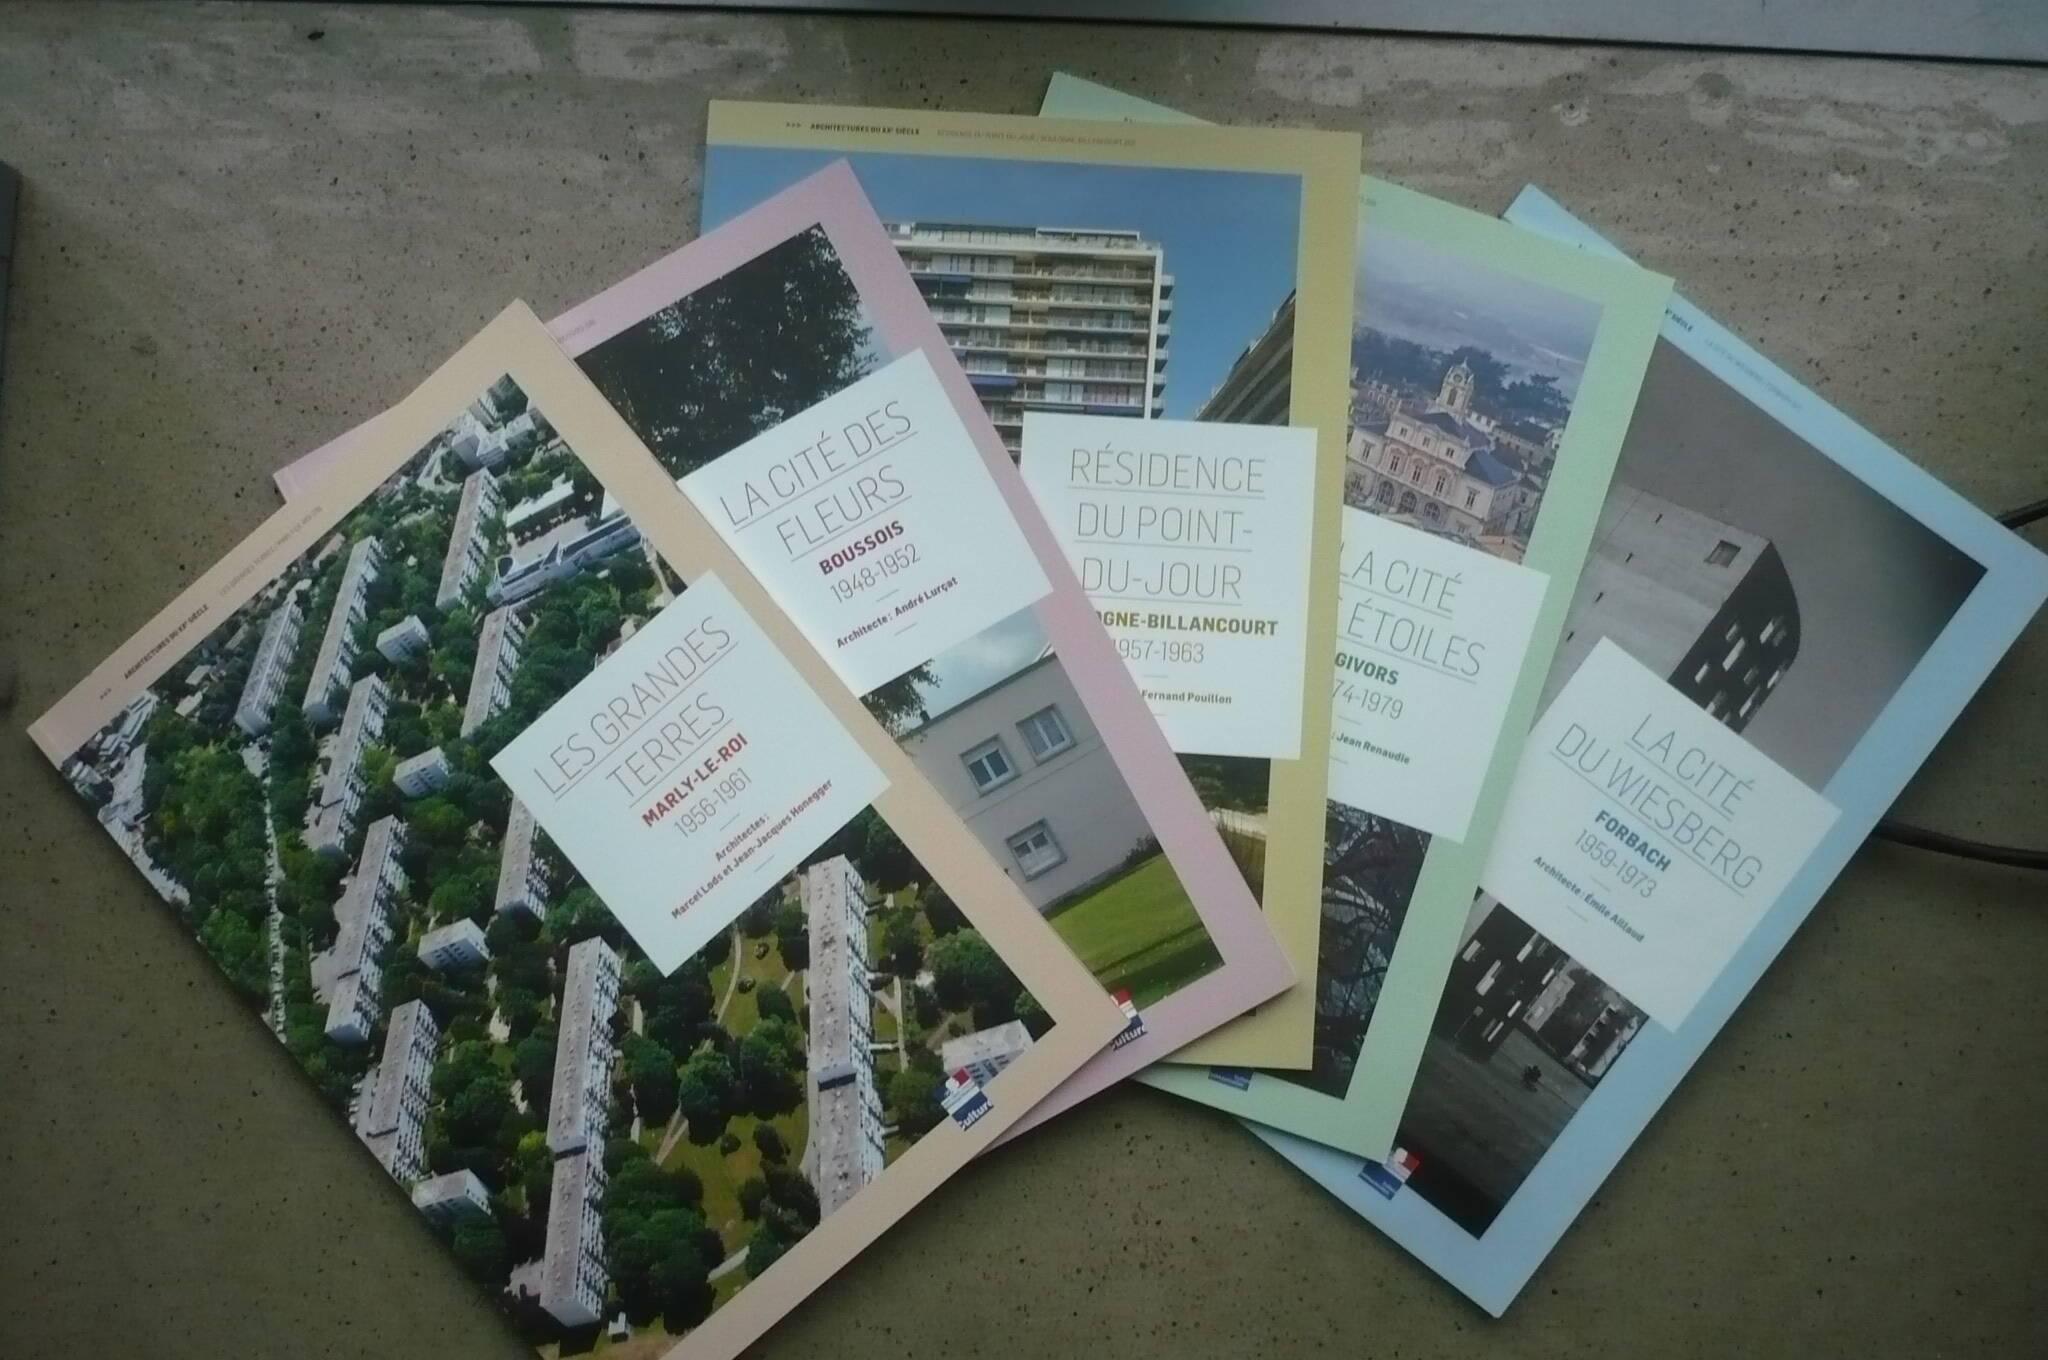 couvertures des cinq monographies